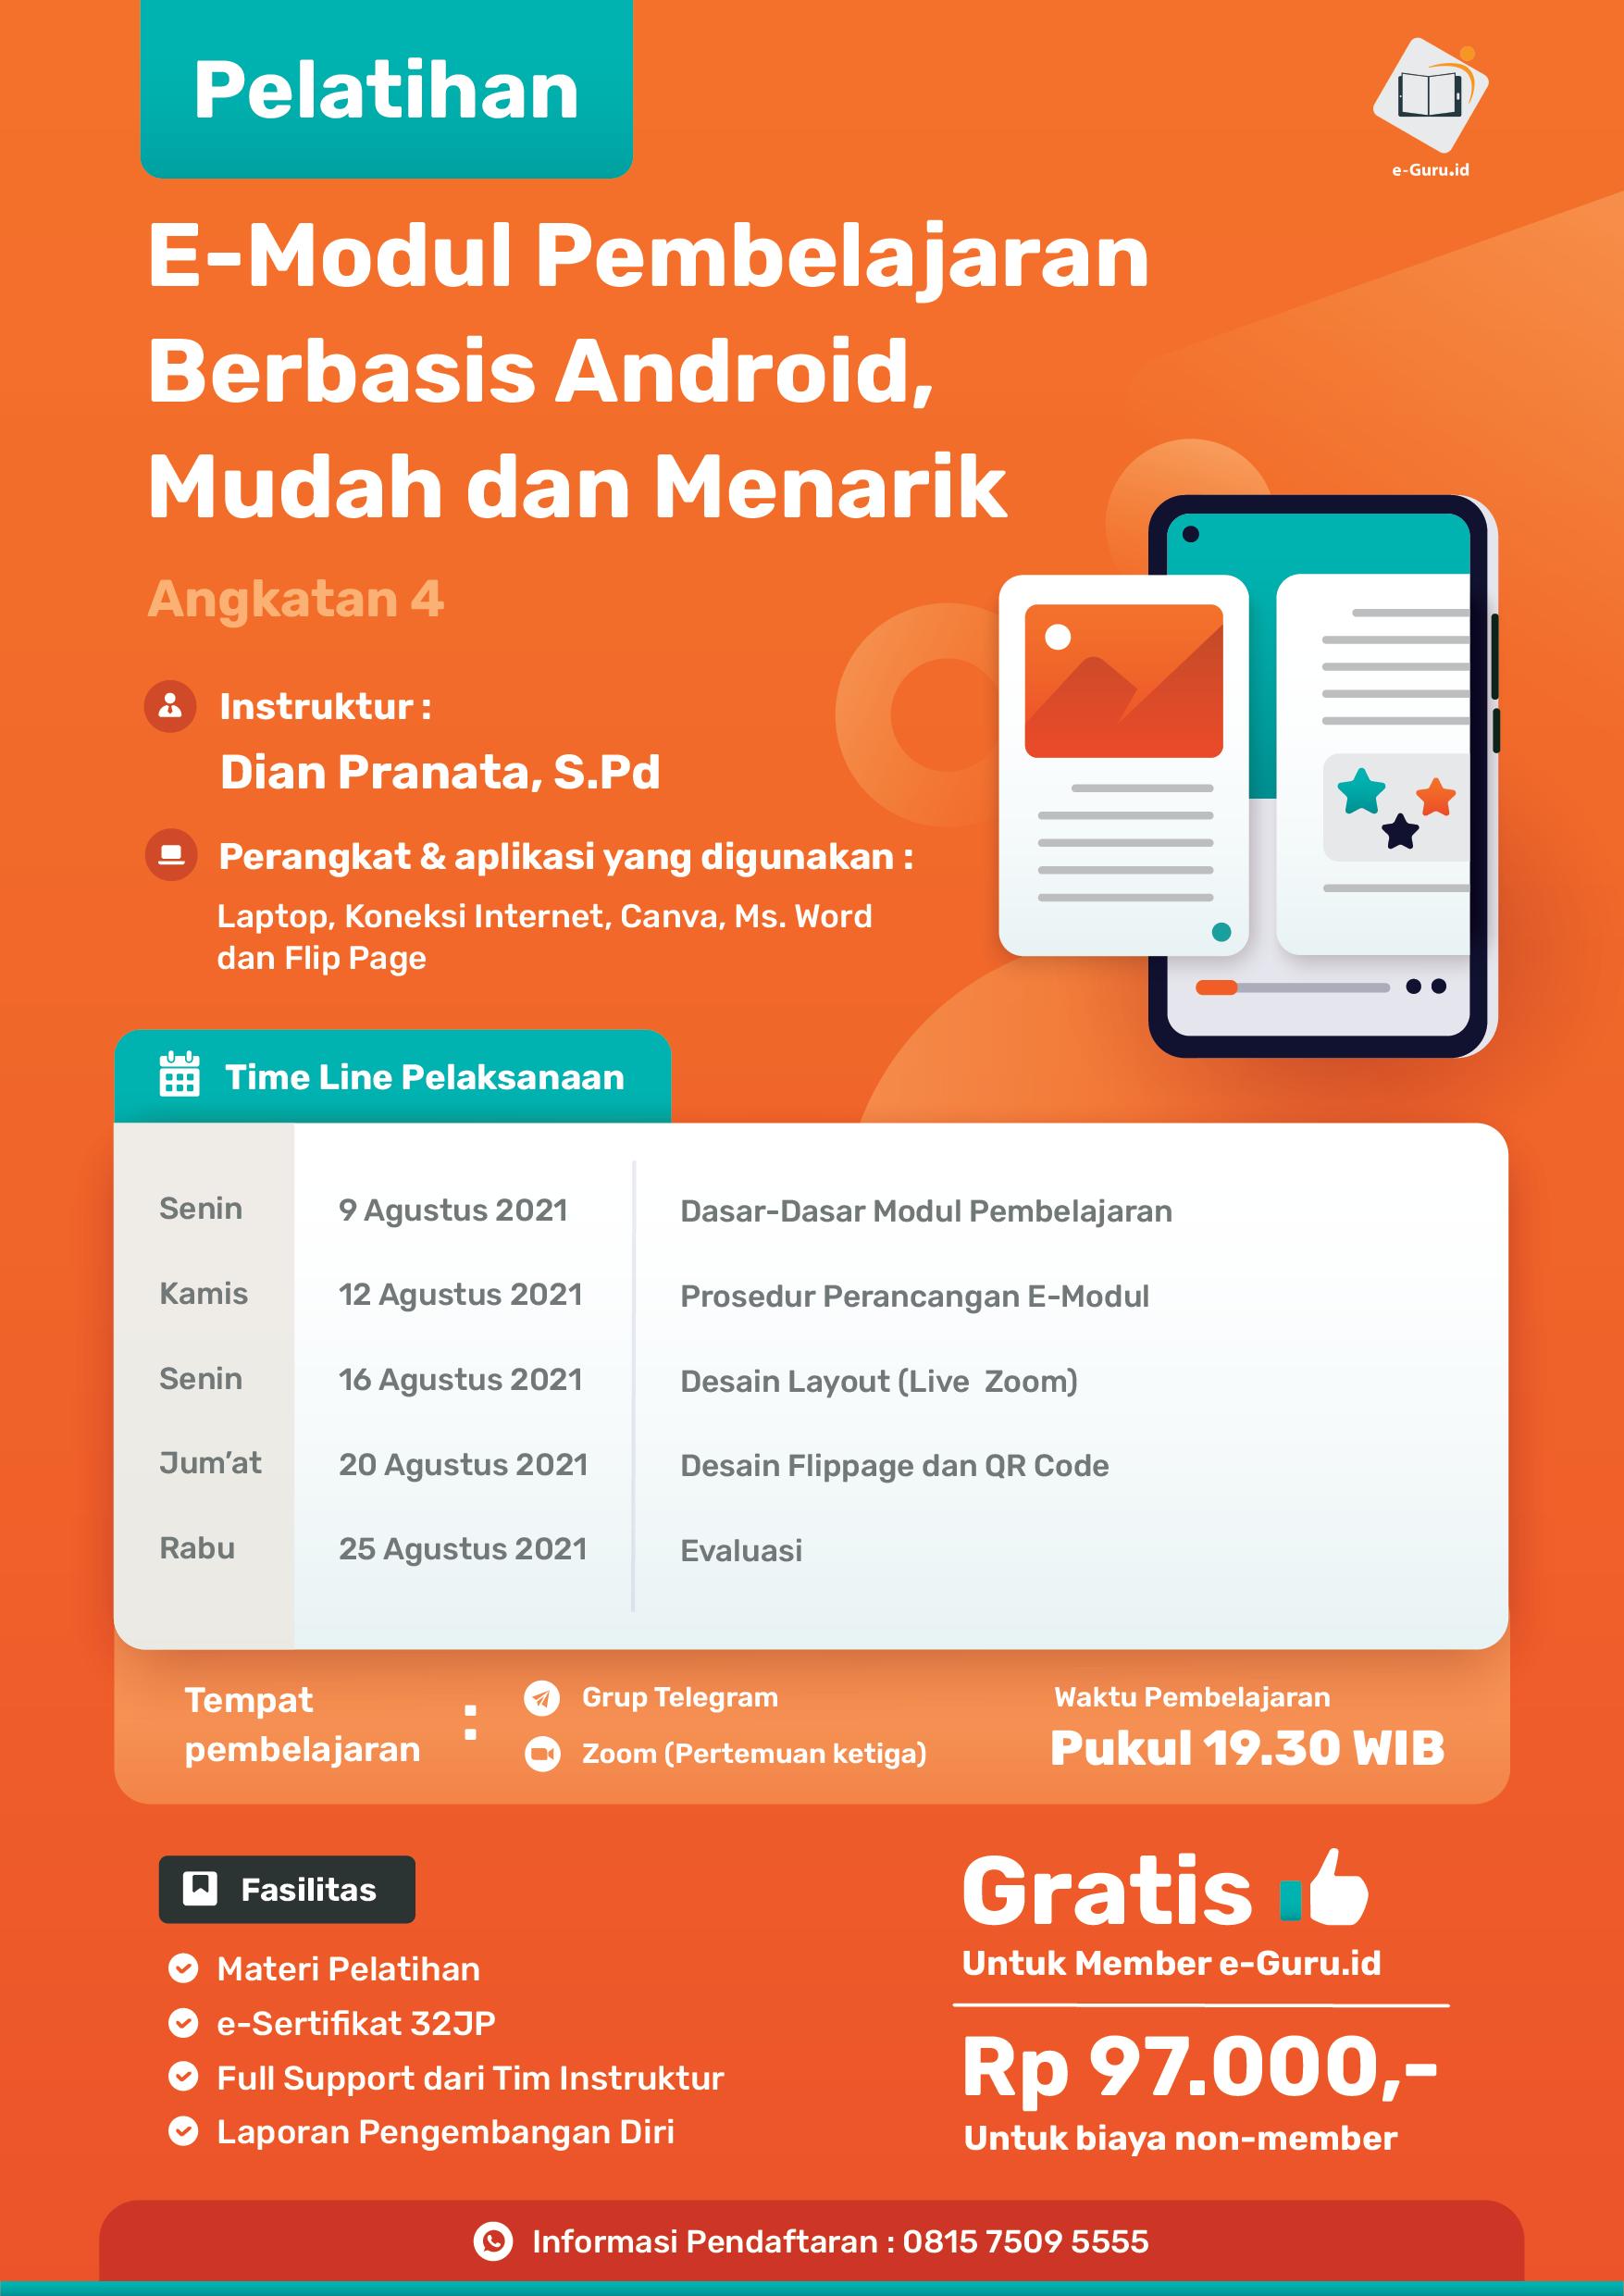 11. Pelatihan E-Modul Pembelajaran Berbasis Android, Mudah Dan Menarik-02